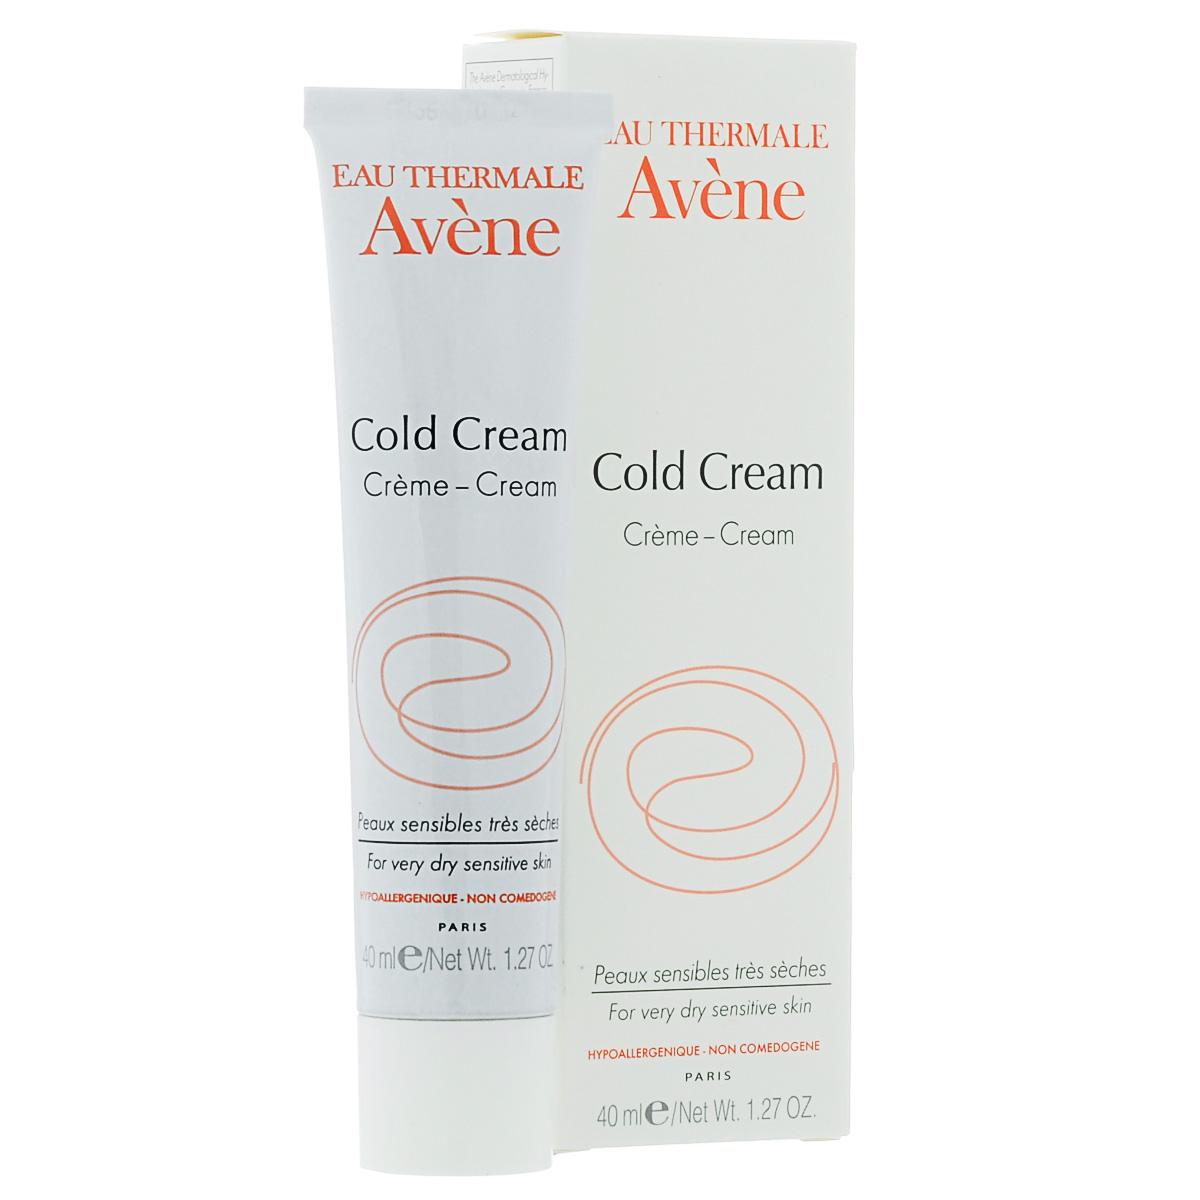 Avene Крем Cold-cream для лица 40 млC00273Интенсивно питает кожу, смягчает, защищает. Конституционально сухая и очень сухая кожа, сухость кожи вследствие дерматологических заболеваний, сухость кожи в пожилом возрасте. экспертизадерматологической маркиAvene №1 во Франции